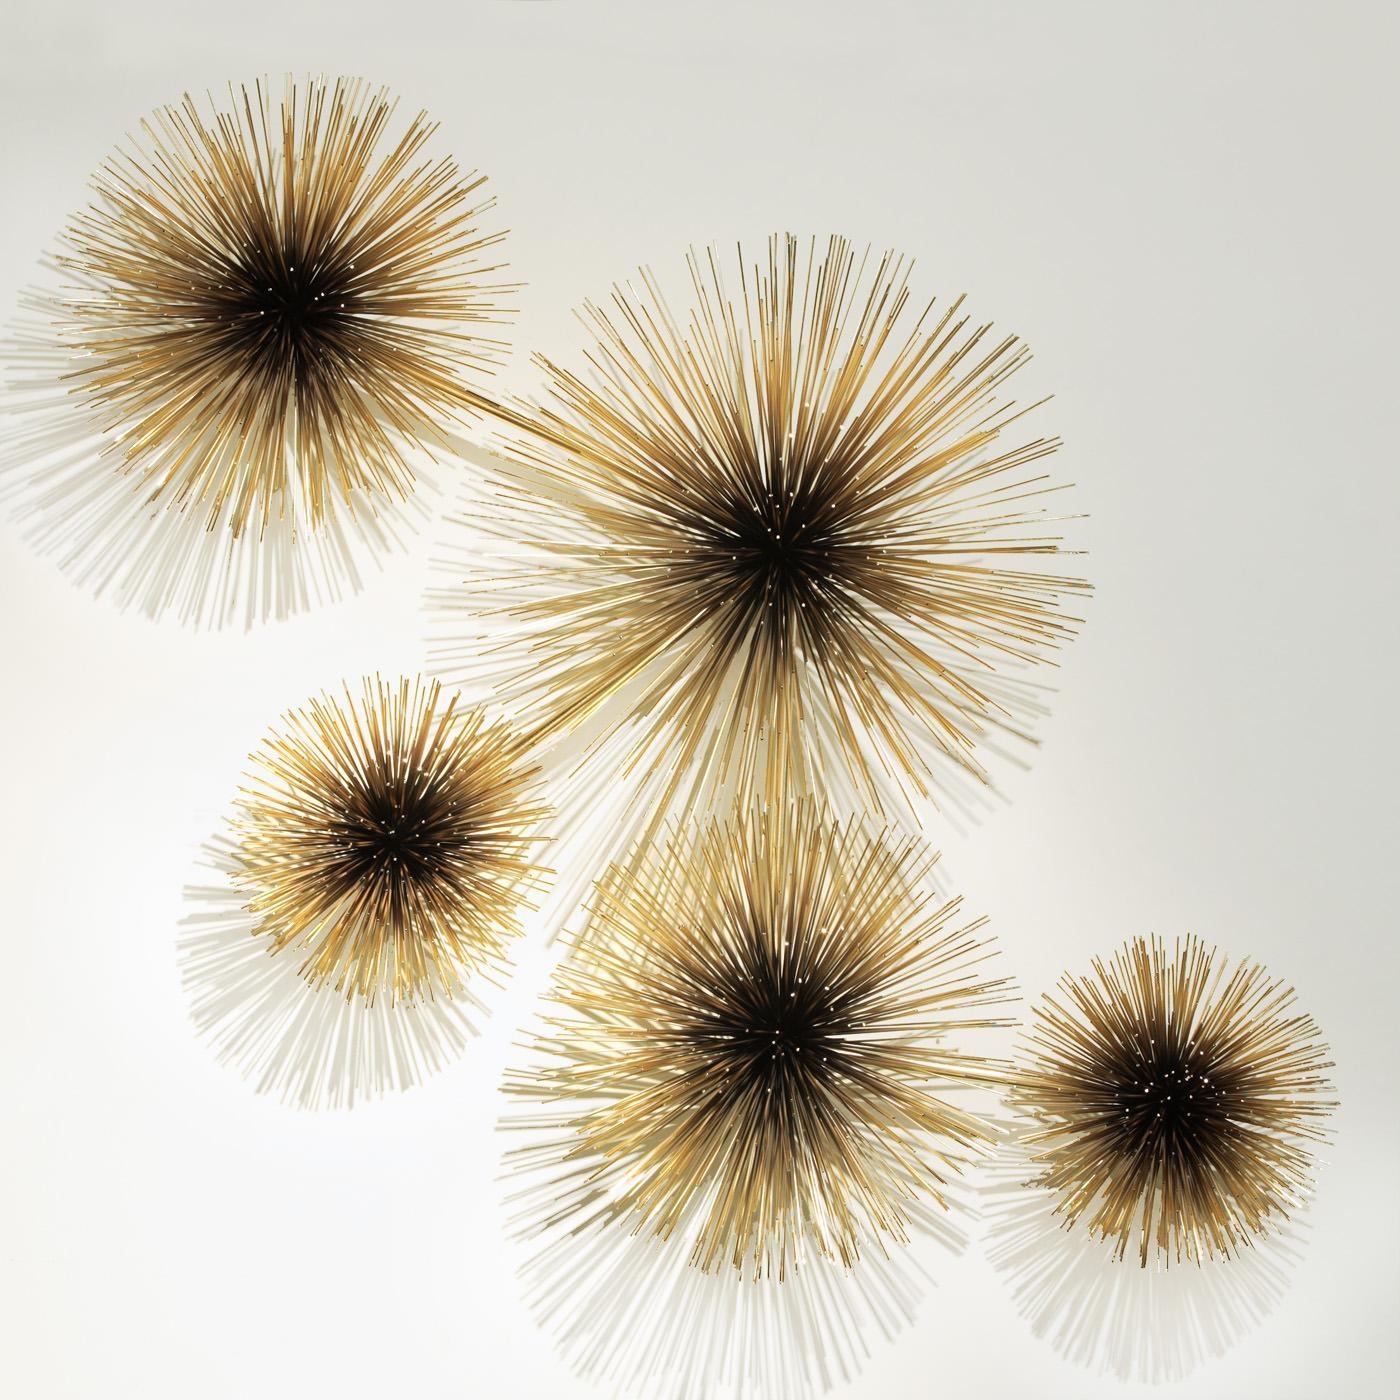 C. Jeré Brass Urchin Sculpture Wall Art | Modern Art | Jonathan Adler With Regard To C Jere Wall Art (Photo 3 of 20)